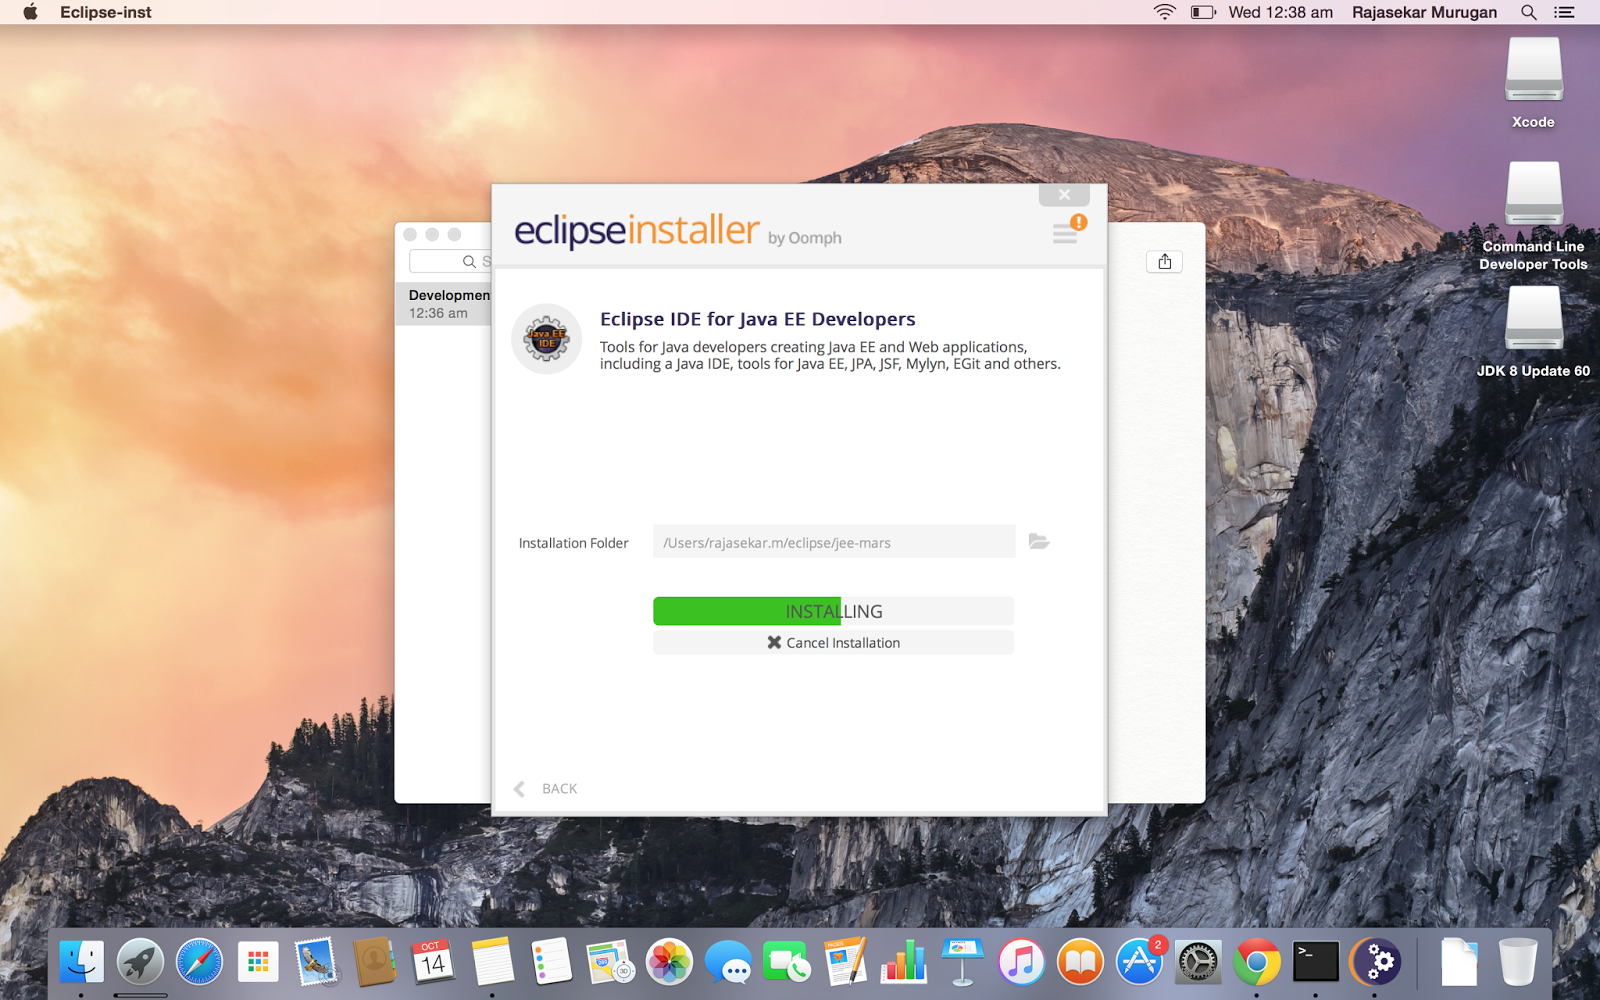 download mac os yosemite 10.10